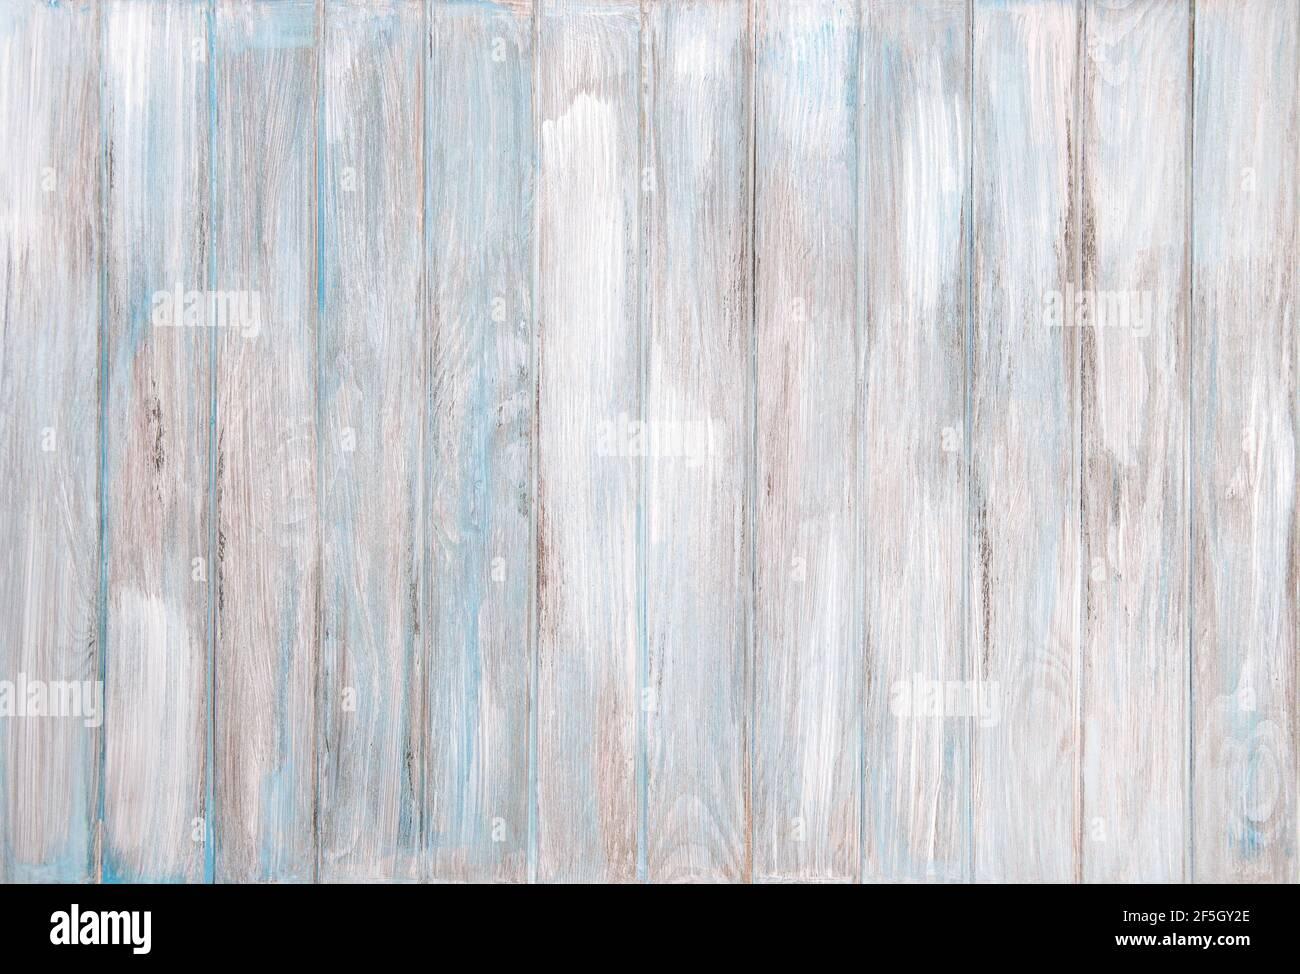 Arrière-plan en bois bleu. Texture de bois rustique naturel Banque D'Images